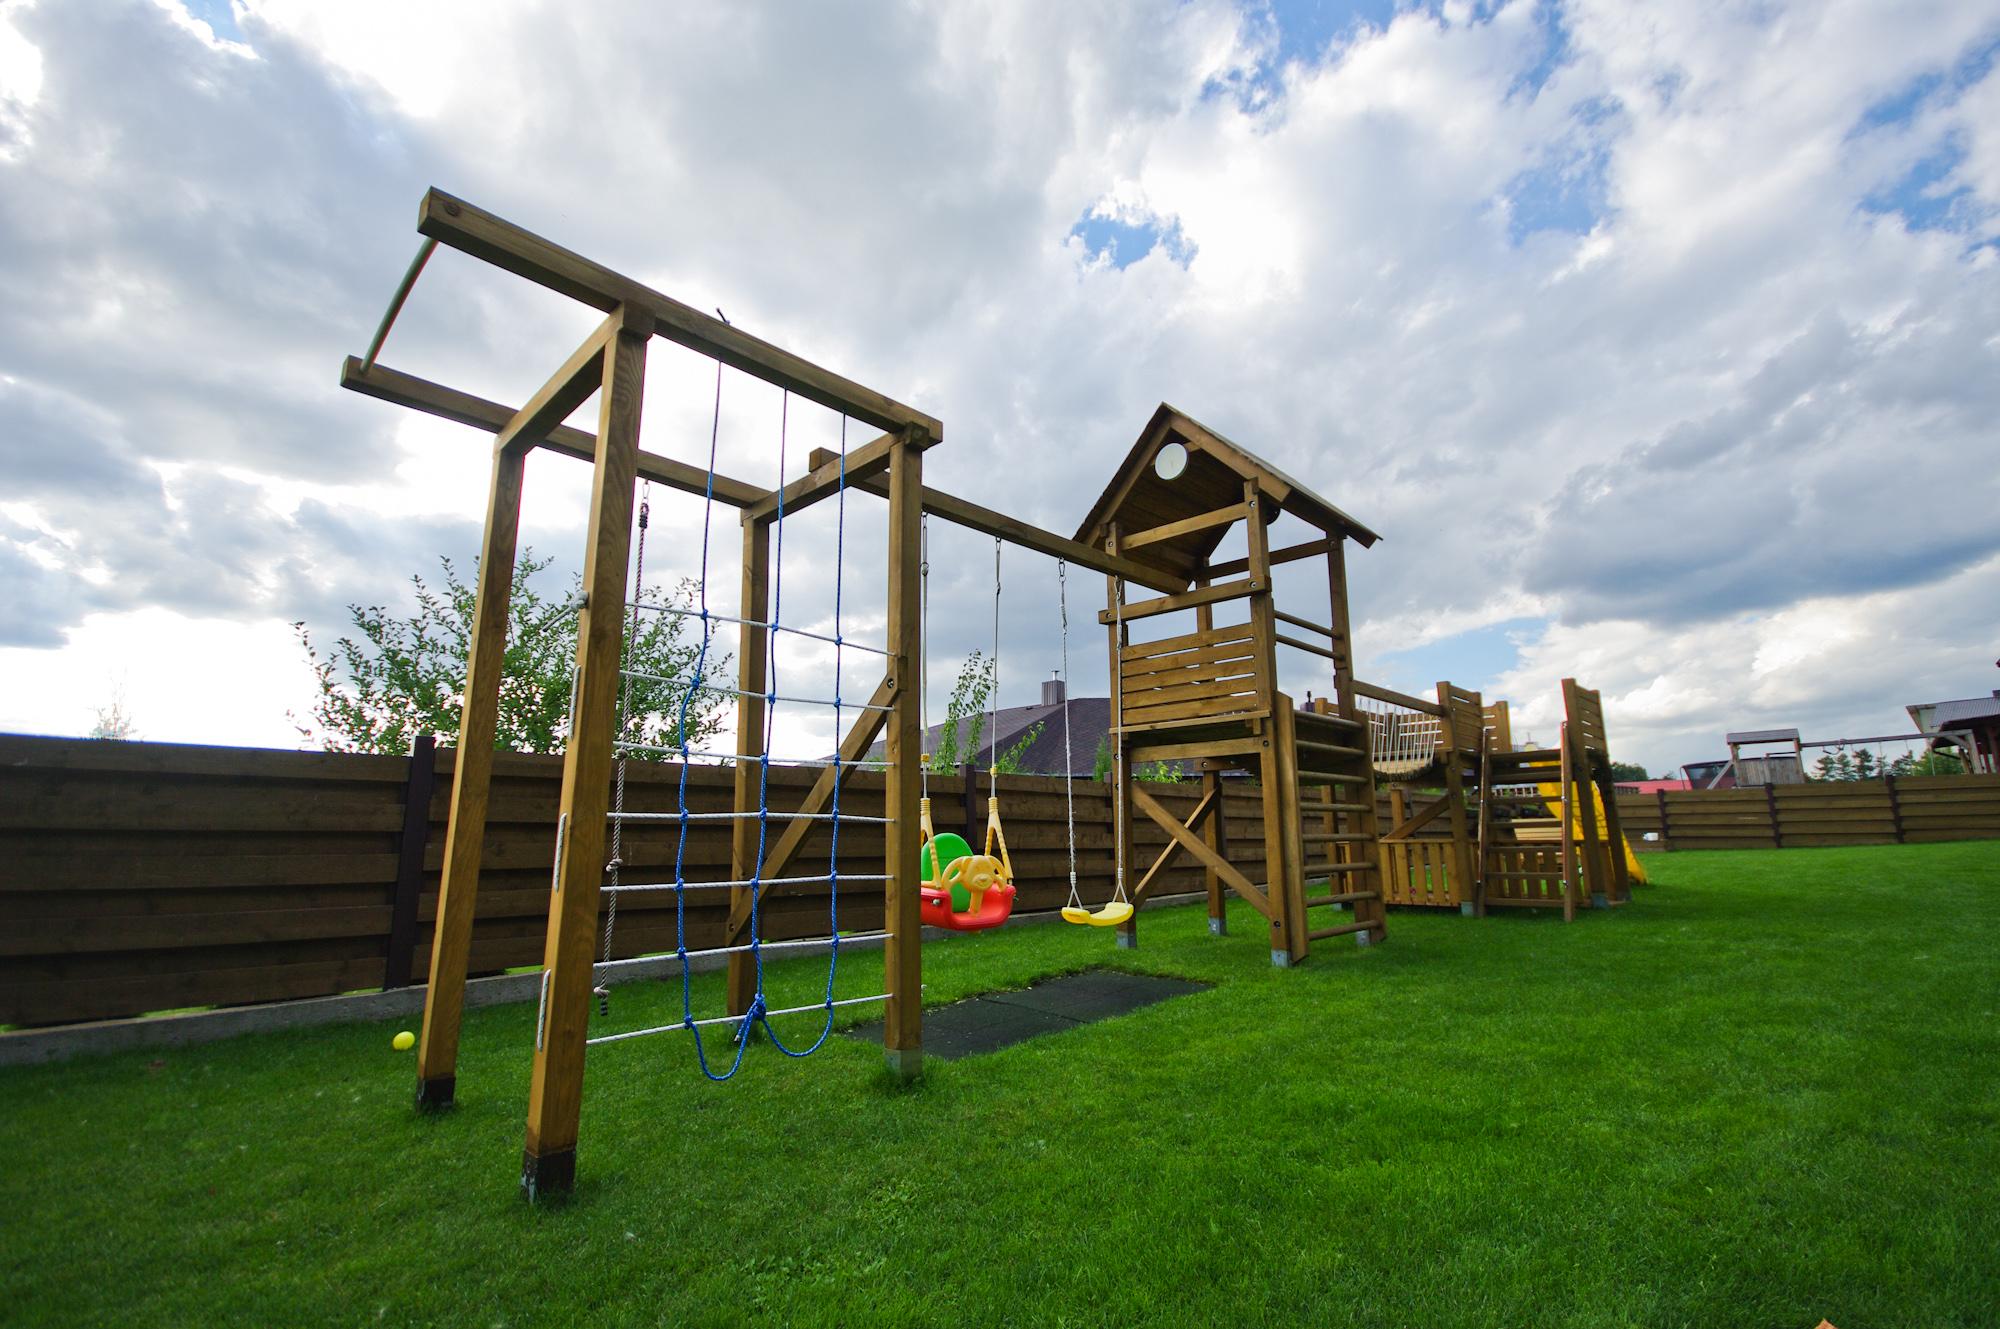 Diy kids playground project jono udrio tinklara tis for Diy backyard playground